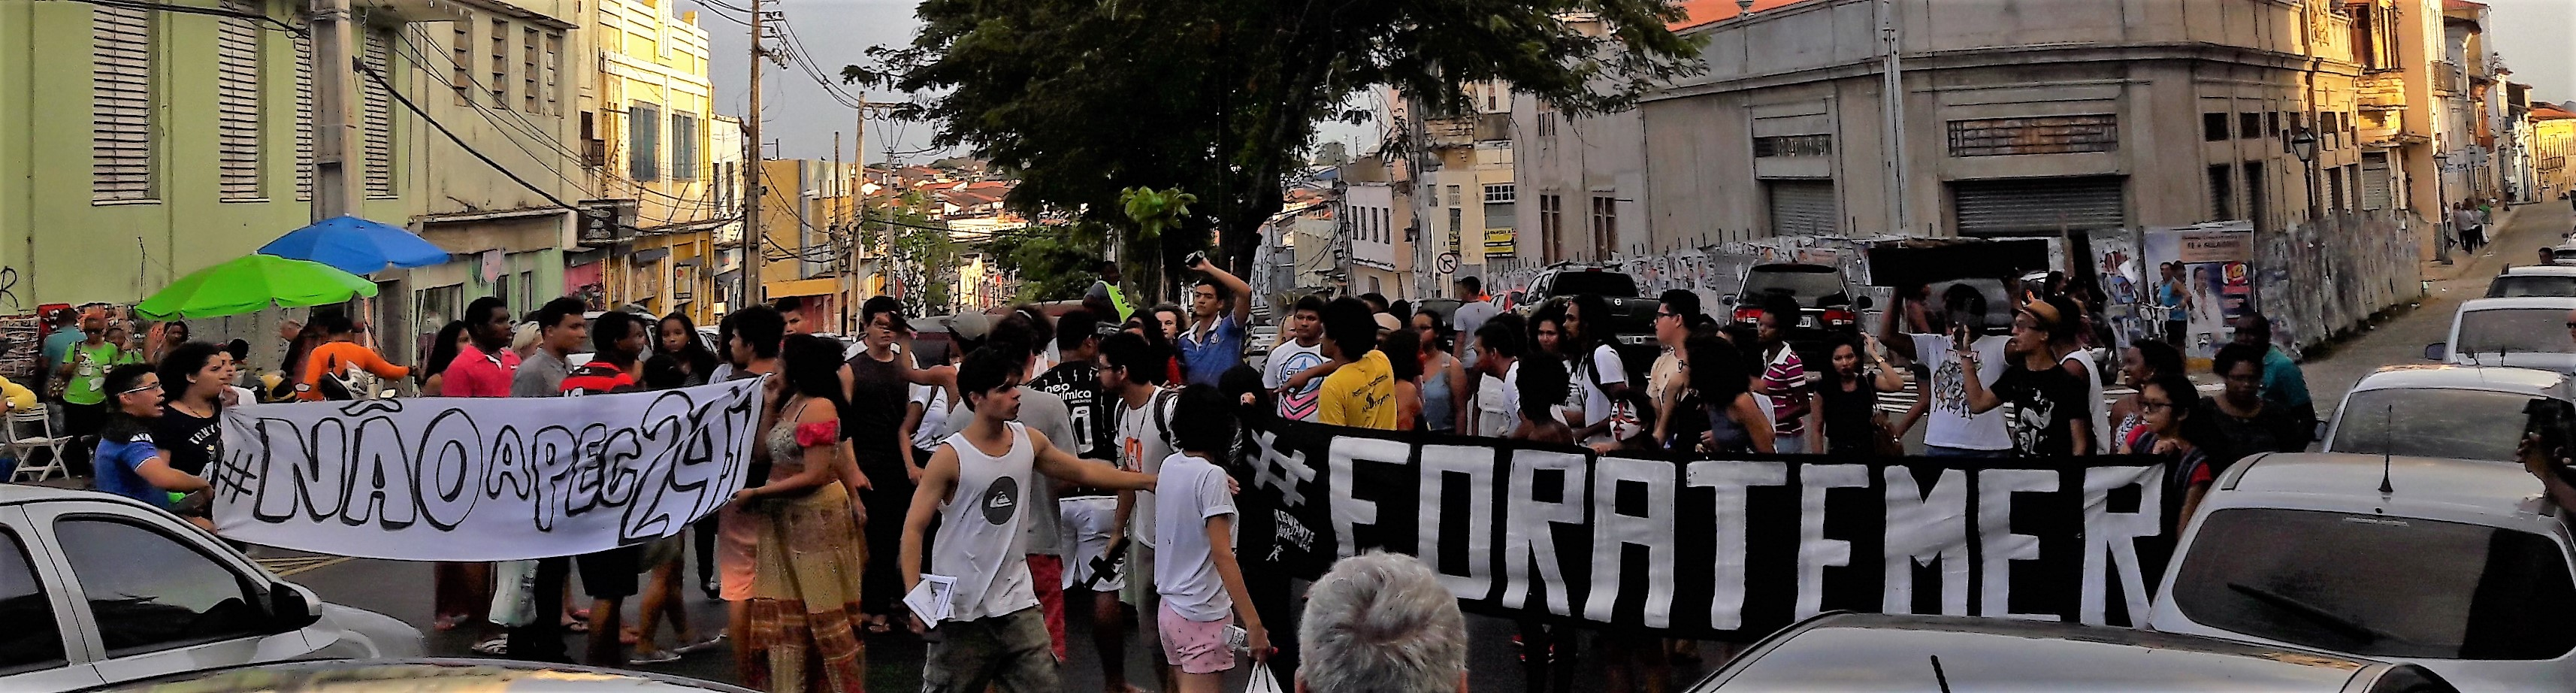 Brésil, un nouveau visage de la lutte des classes